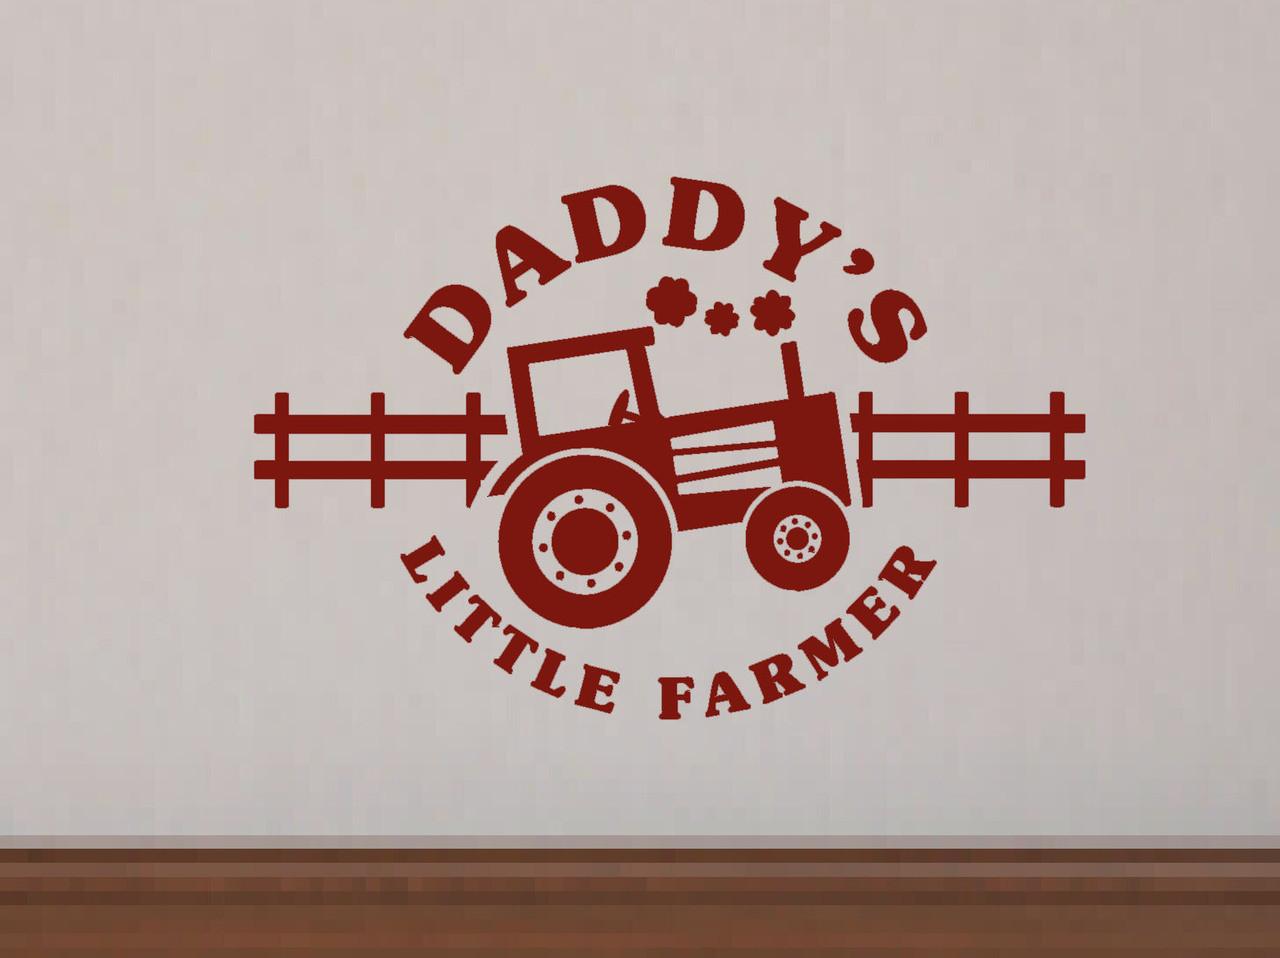 Daddys Little Farmer Boys Wall Decals Stickers Farm Wall Dcor